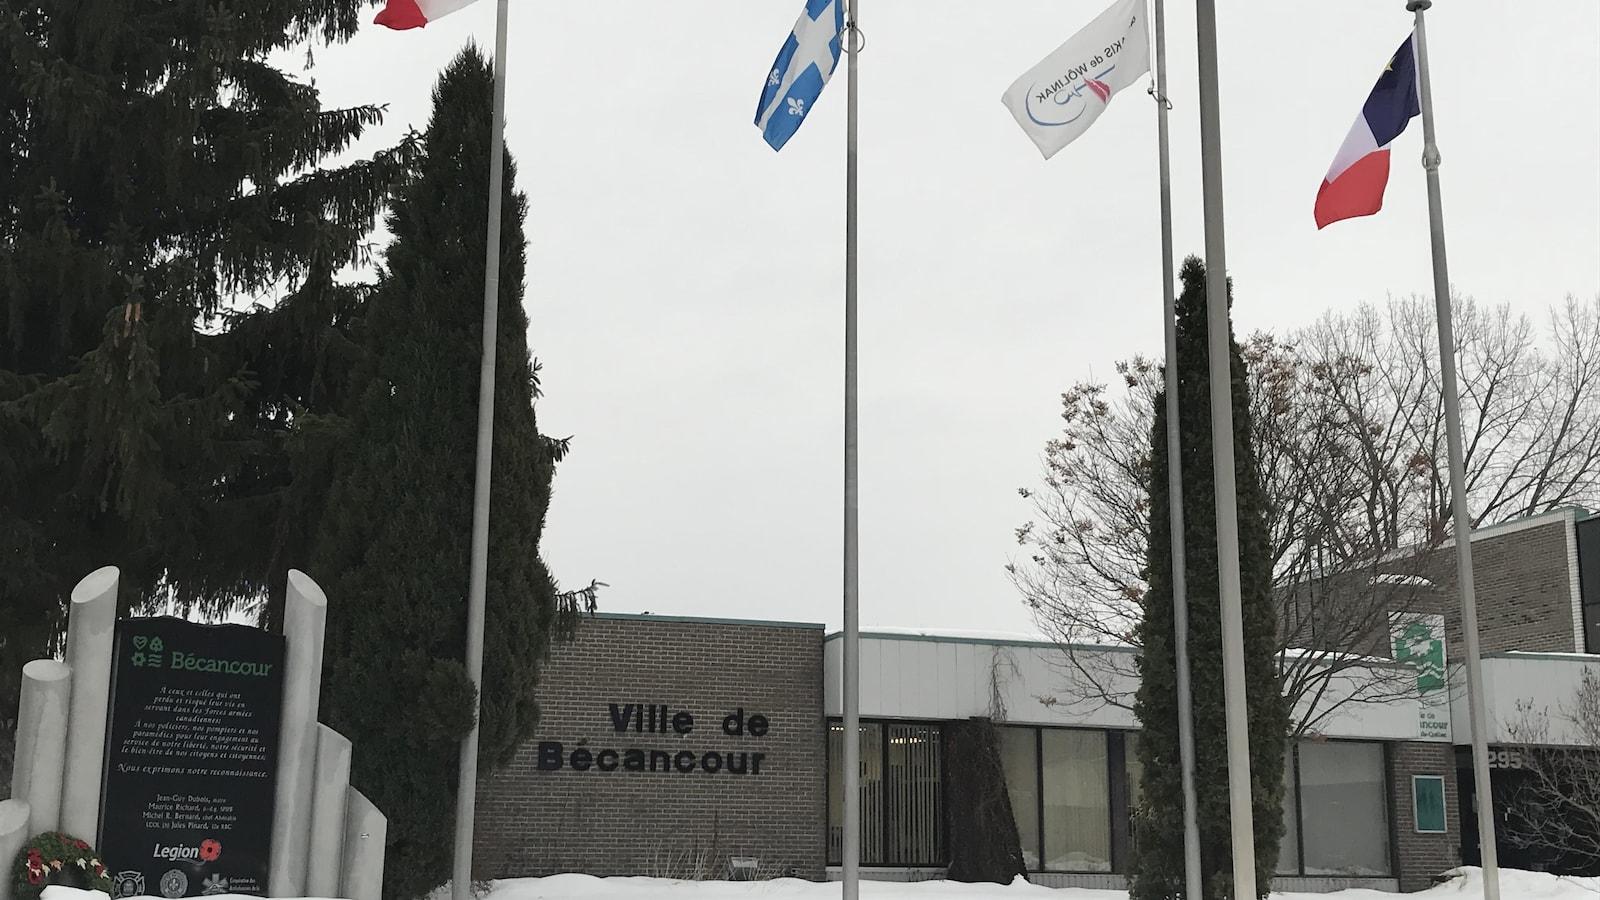 Façade de l'hôtel de ville de Bécancour en hiver